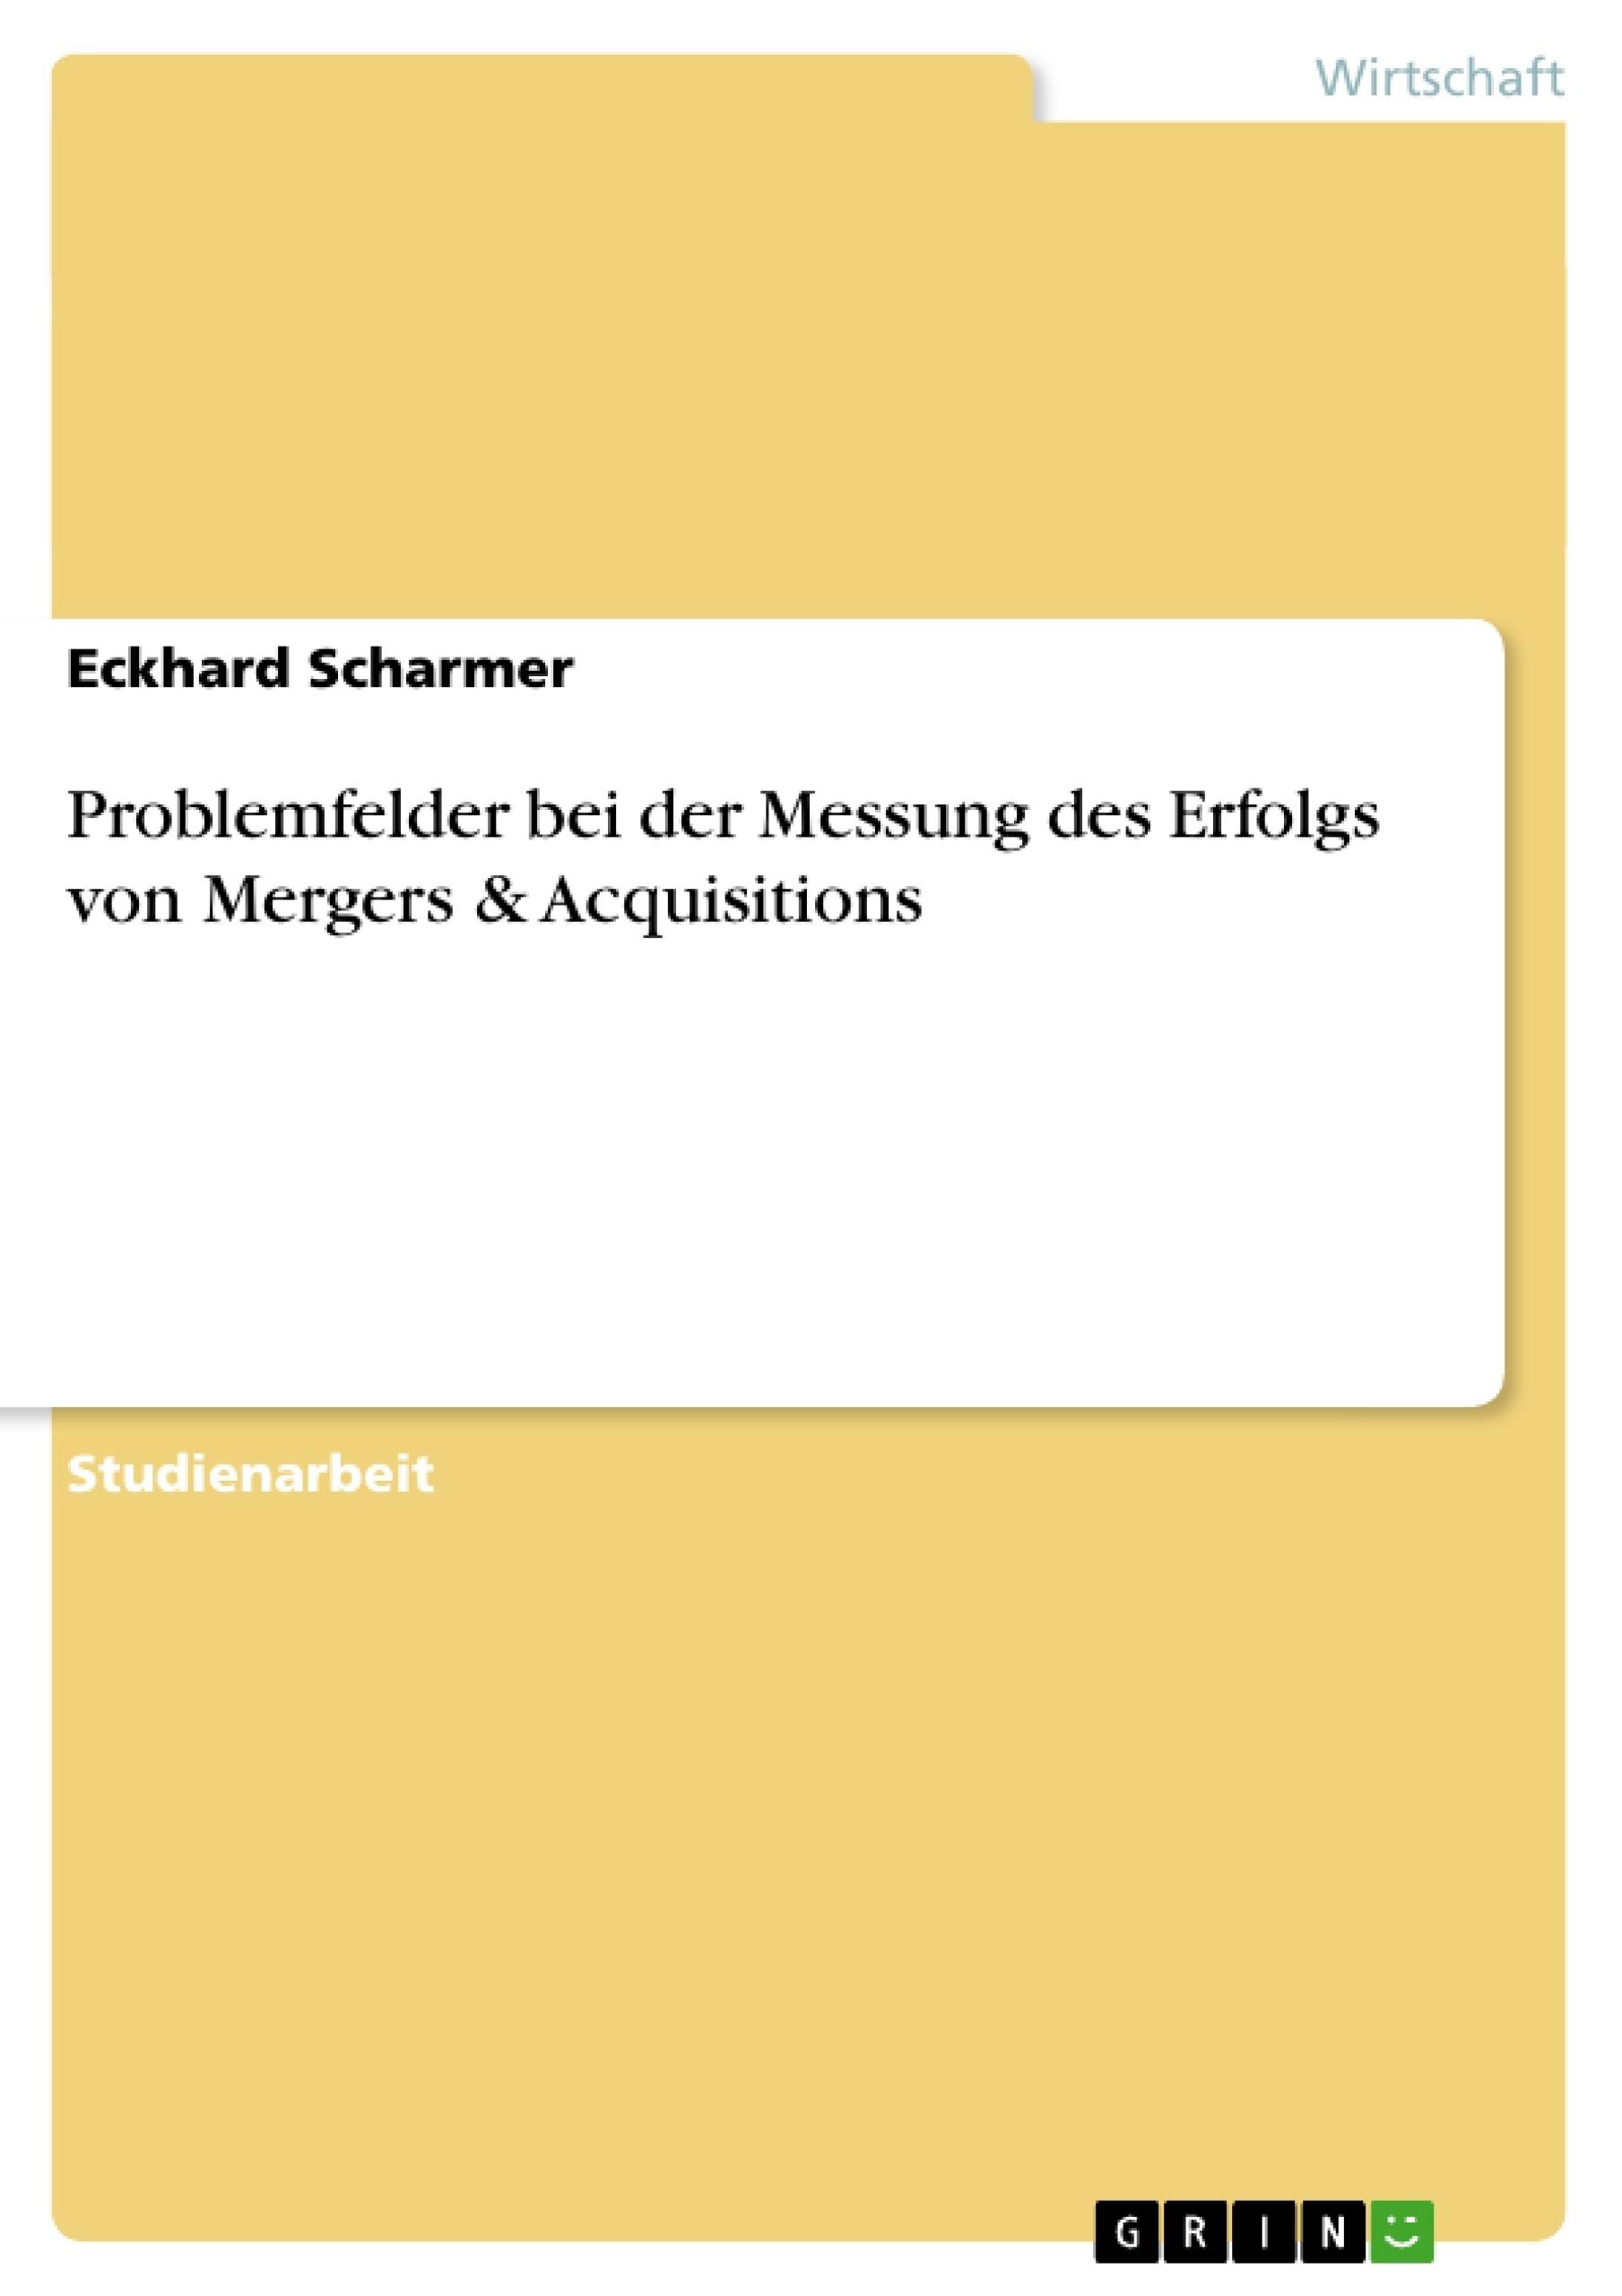 Titel: Problemfelder bei der Messung des Erfolgs von Mergers & Acquisitions